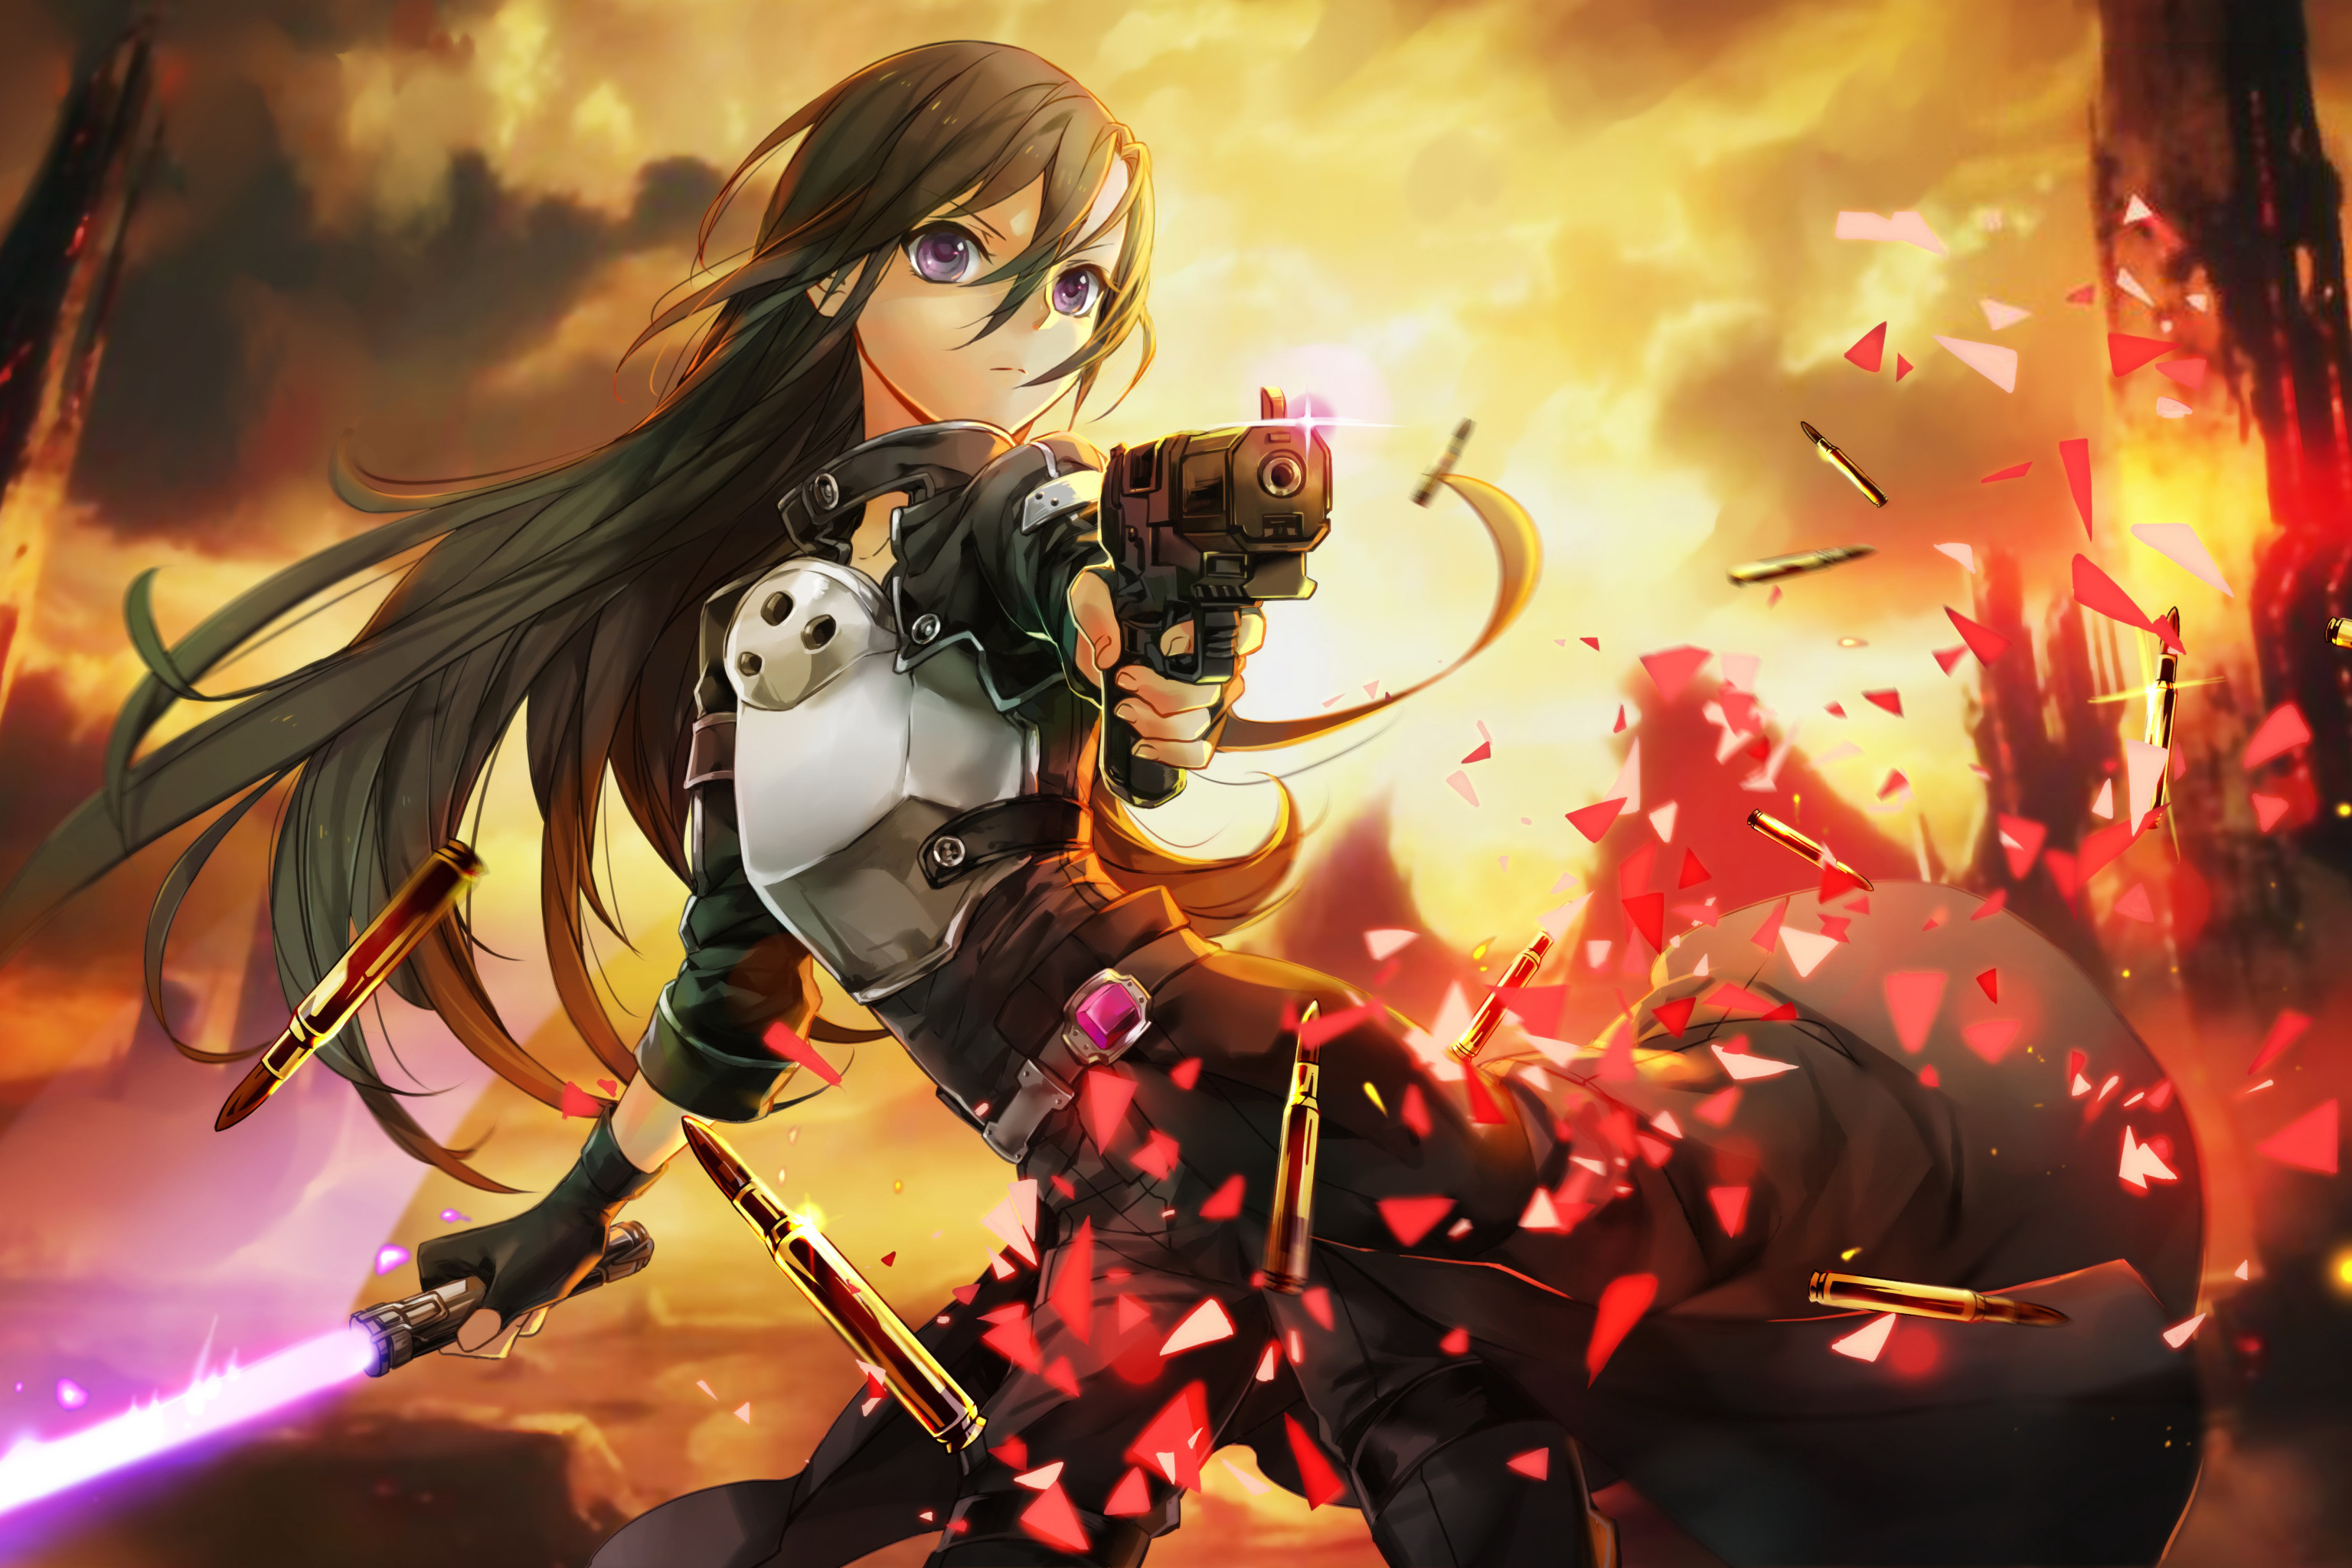 … II Sword Art Online Kirito. Wallpaper 634168